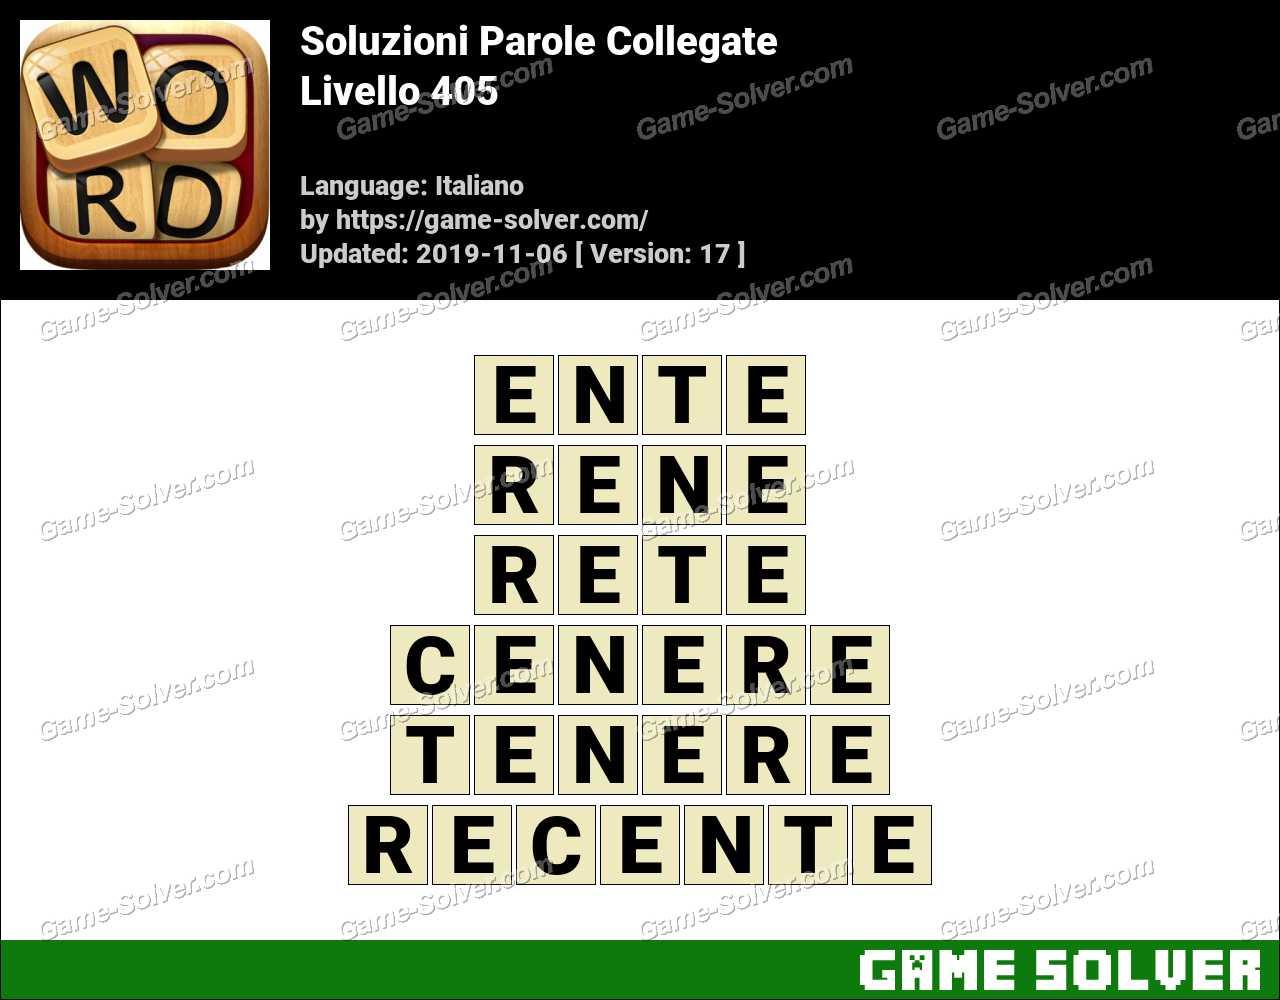 Soluzioni Parole Collegate Livello 405